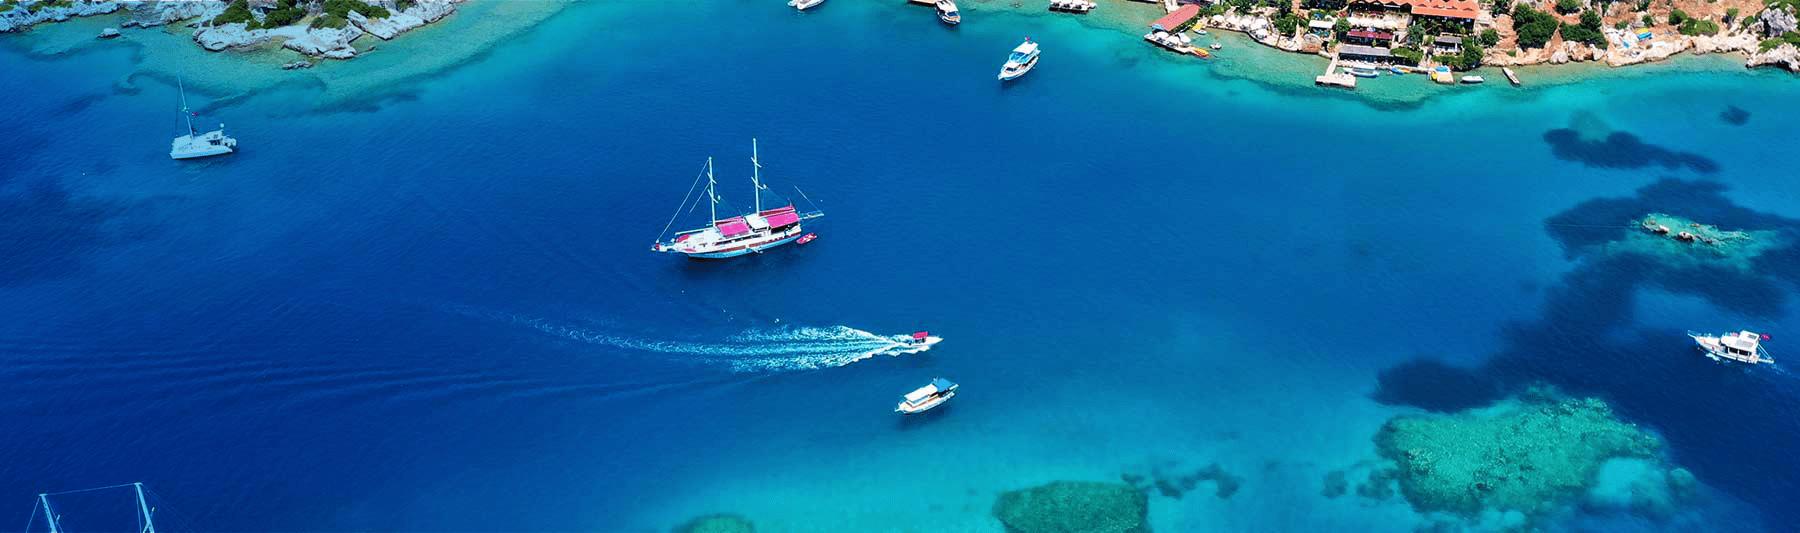 Szukasz powodów, aby przylecieć do Antalyi? Znamy ich wiele!